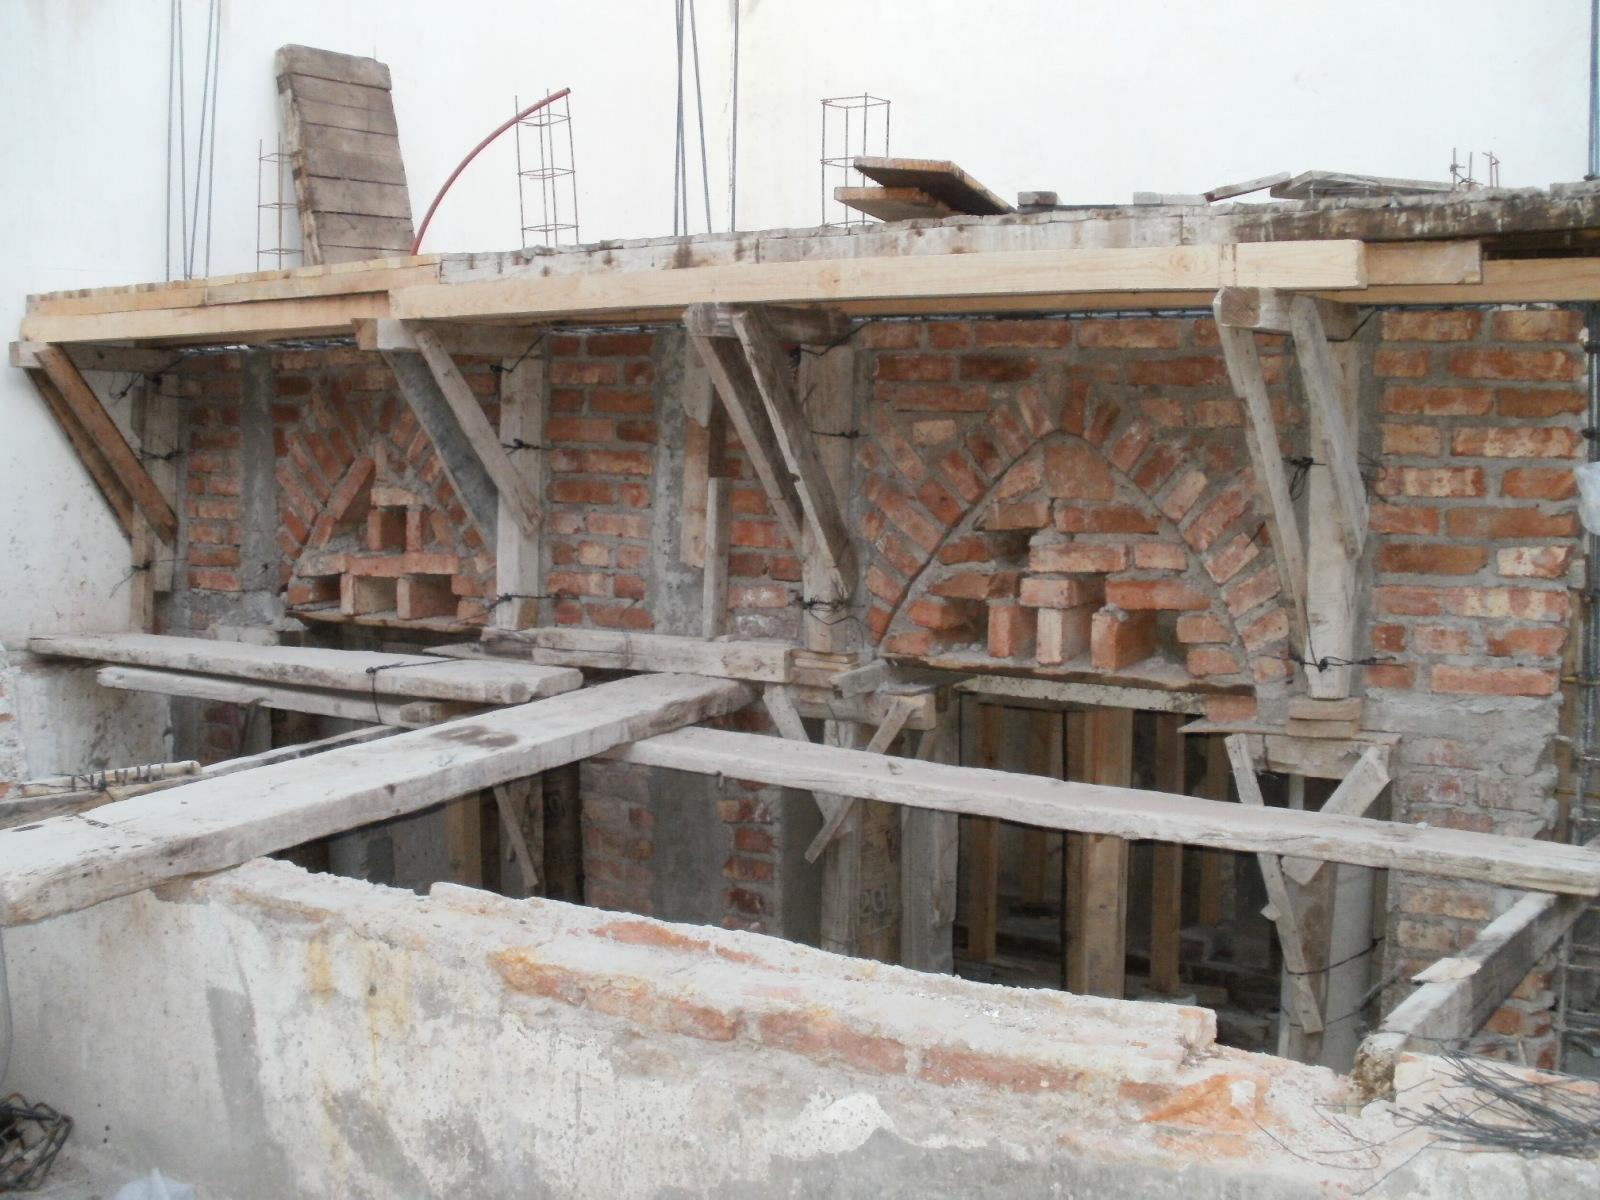 Aquí se aprecia en la izquierda castillos cuales le prestan soporte a la estructura. Es completamente evidente que dicha estructura no está soportada por el muro colindante divisorio.